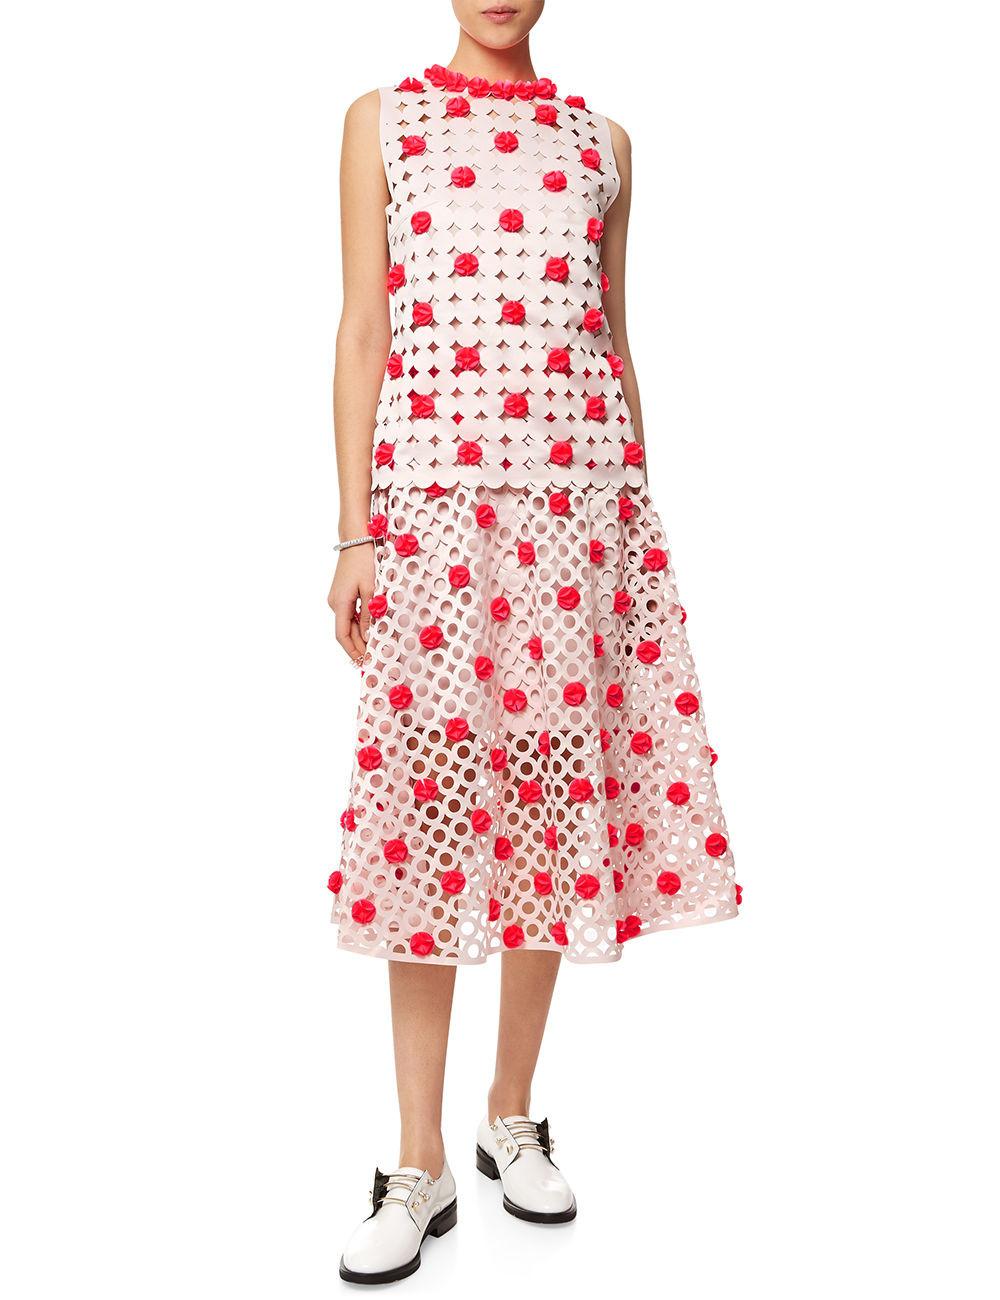 Paskal blush pink laser cut skirt $880 & matching top $625